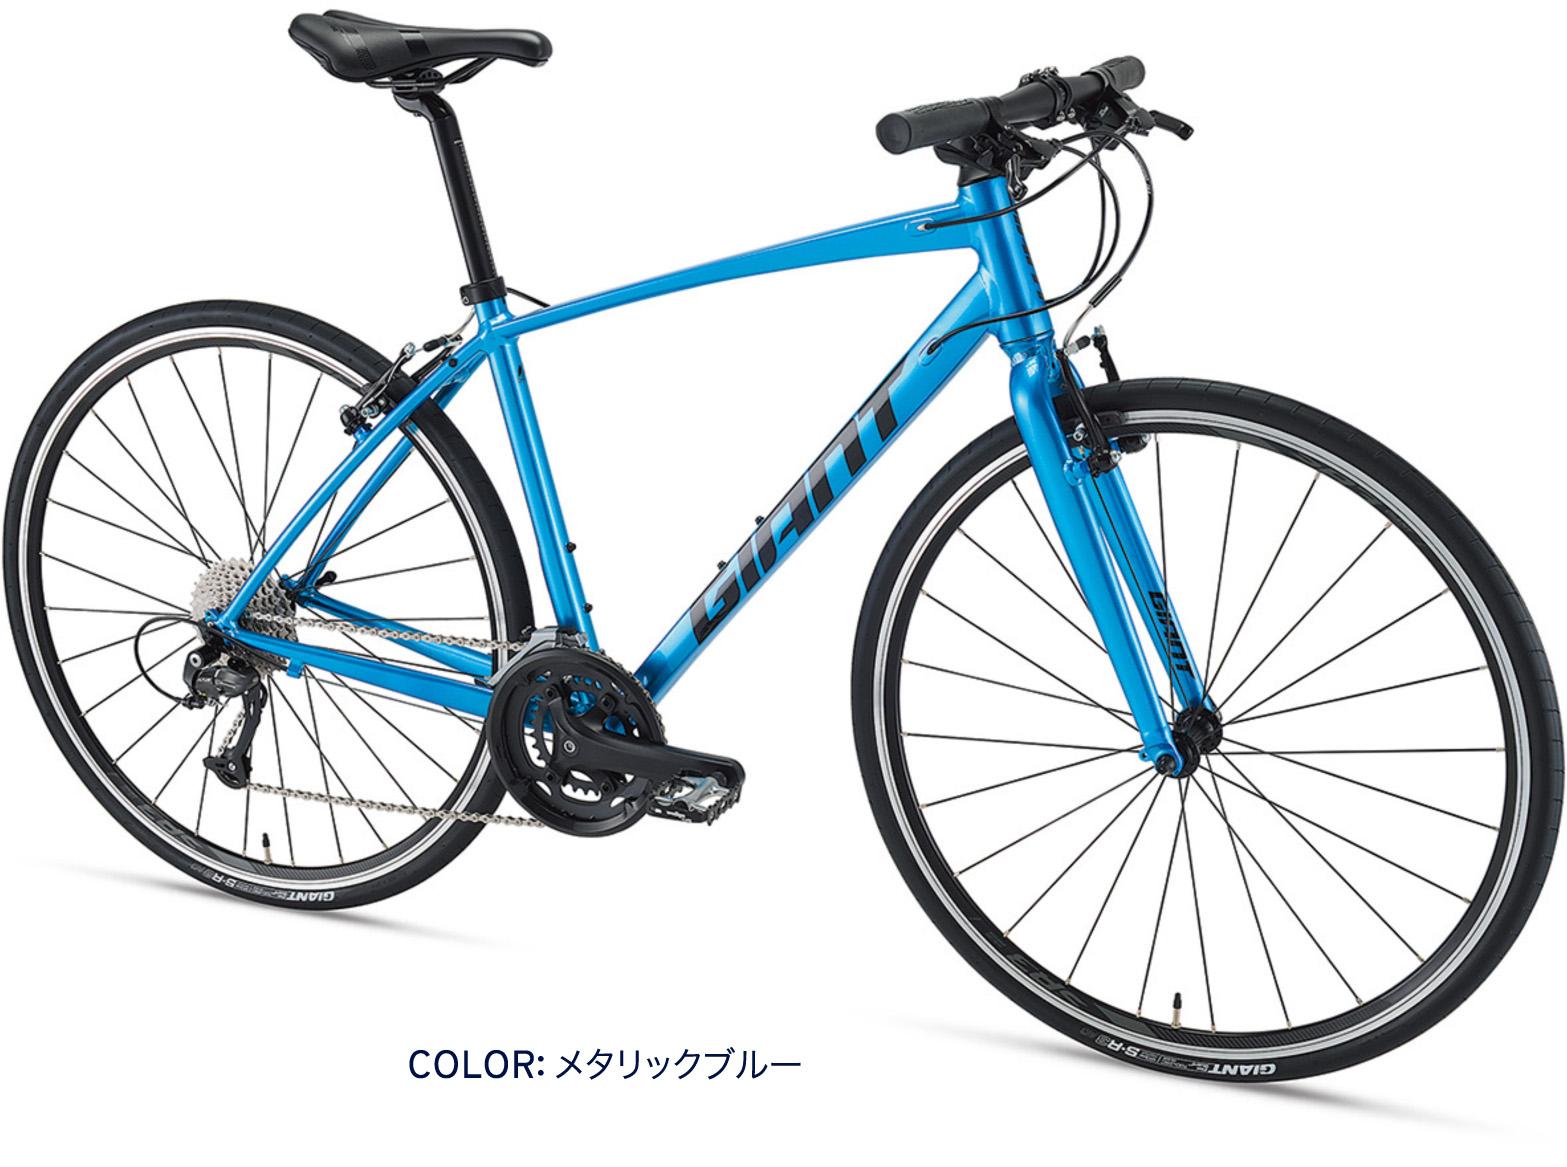 2021年モデルエスケープRX3メタリックブルーのサンプル画像